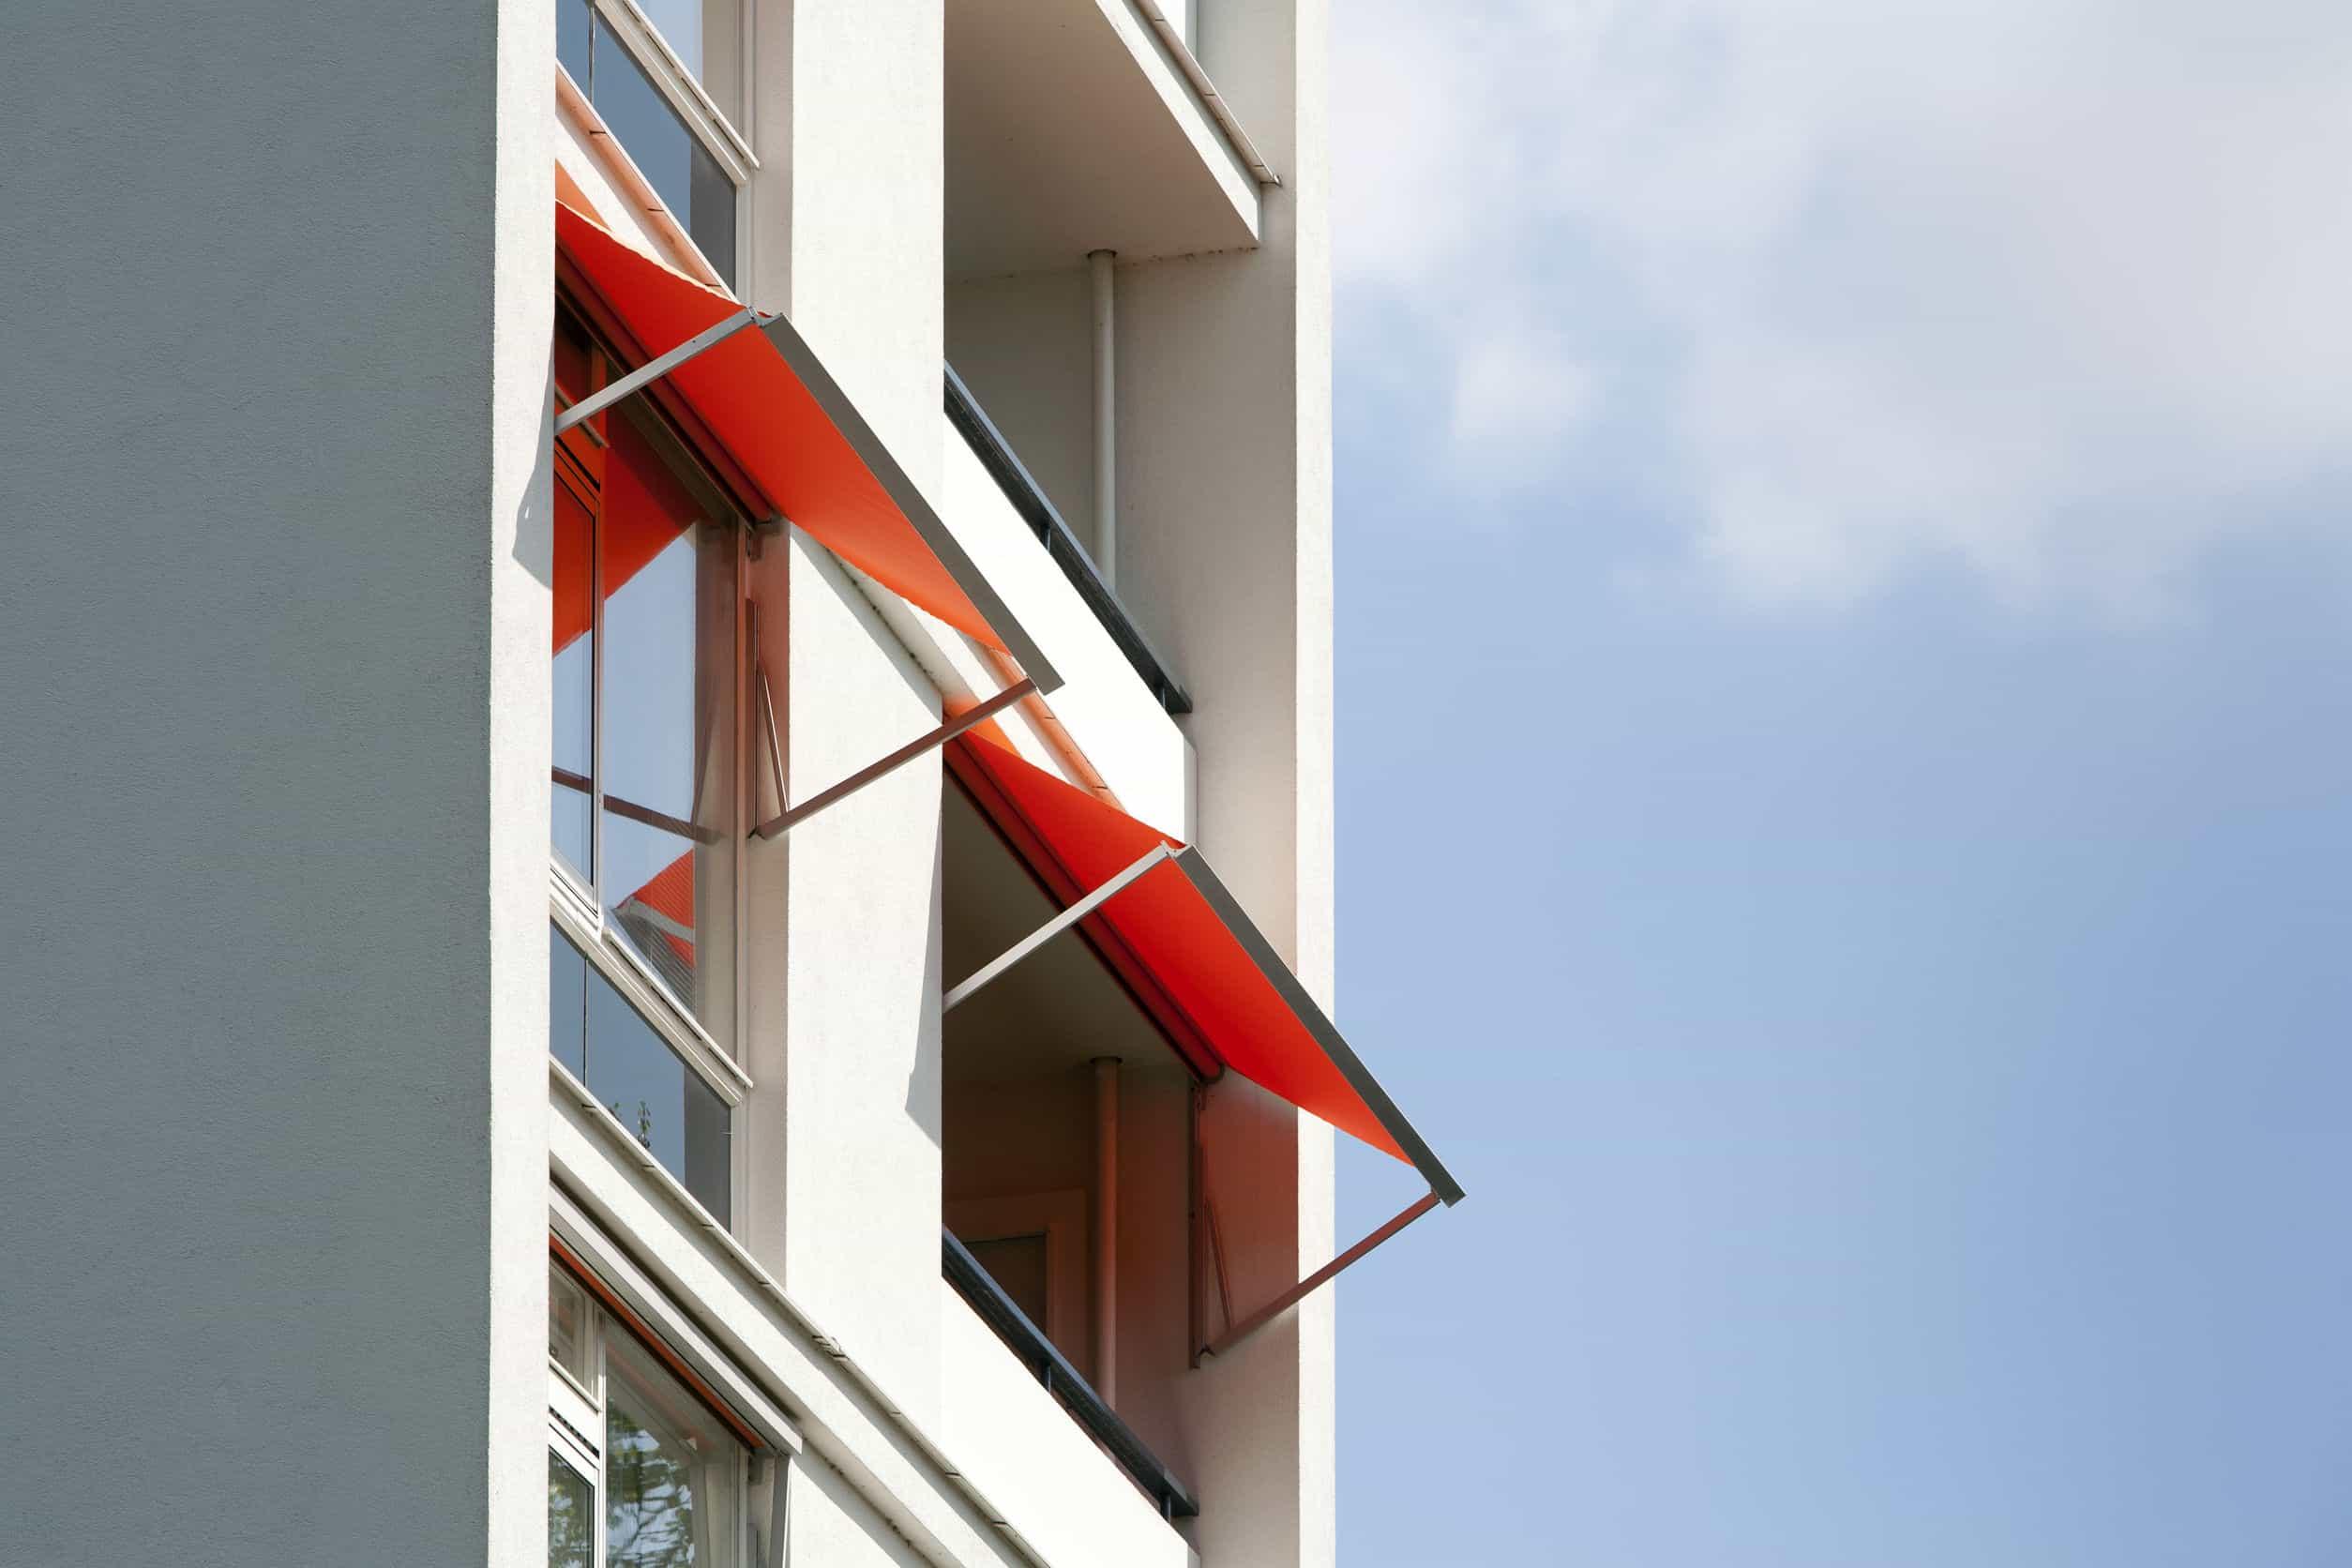 MOÑITA toldo rojo en ventanas